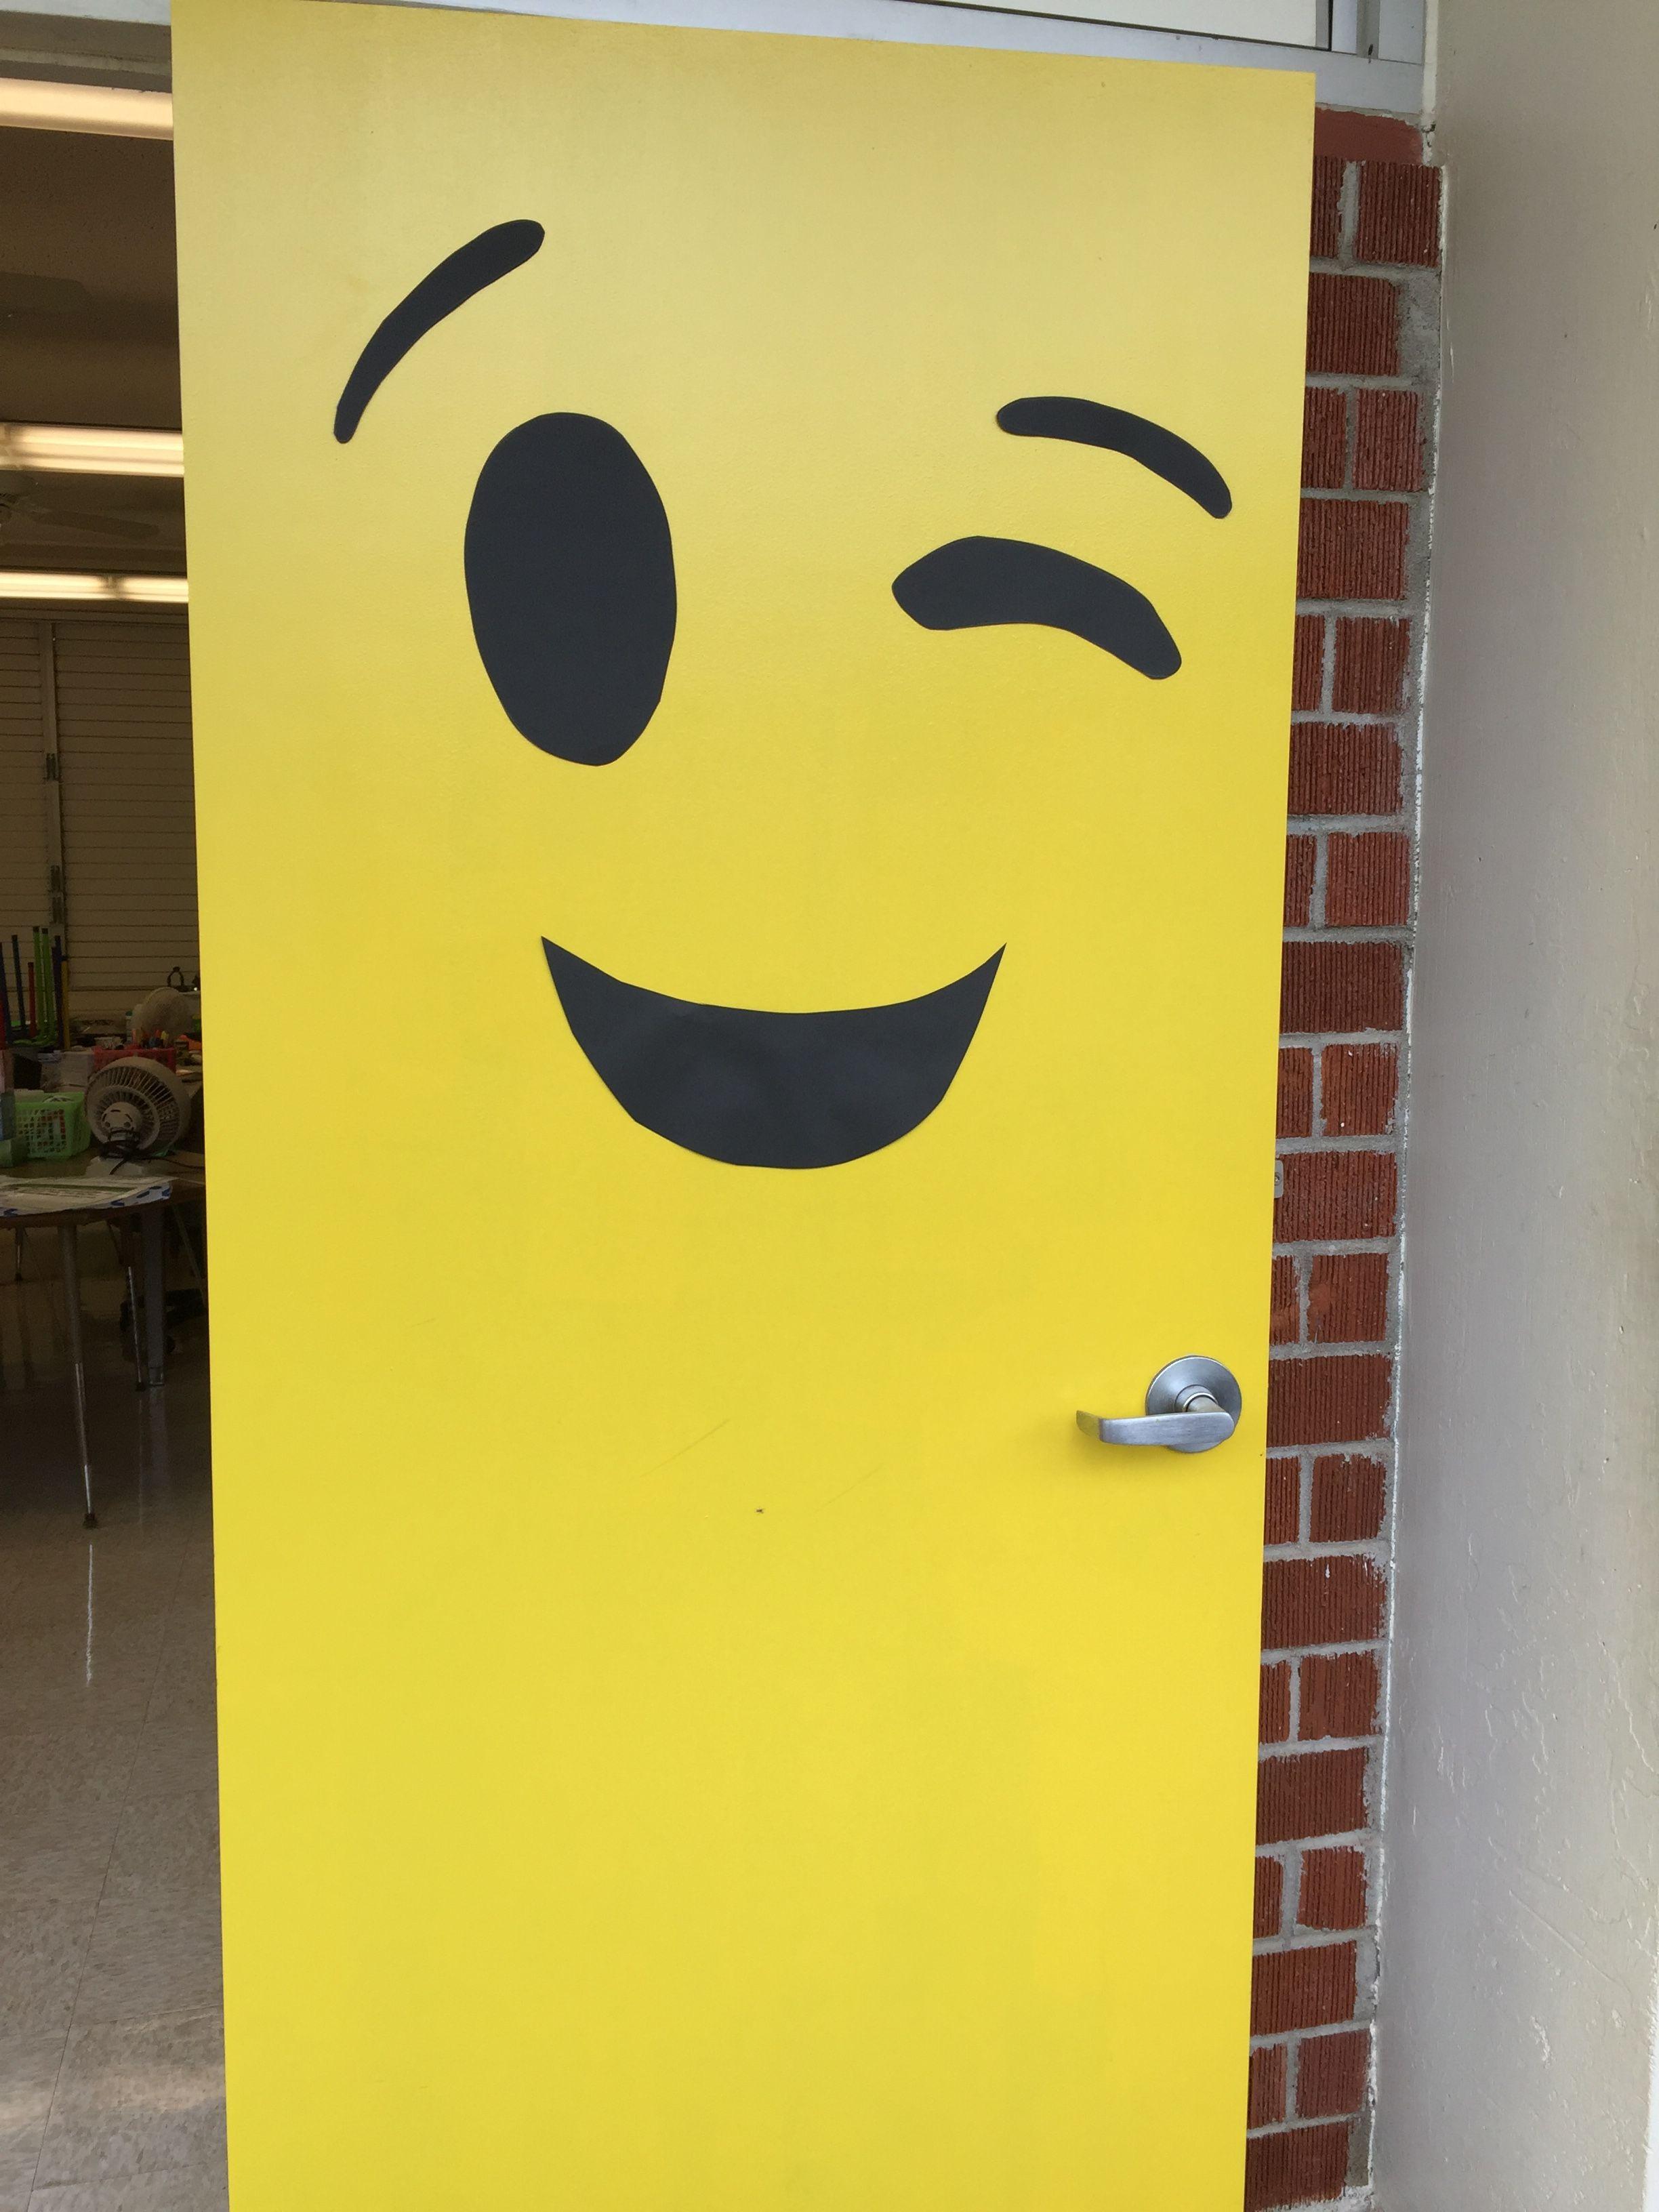 Emoji Door & Emoji Door | Puertas | Pinterest | Emoji Doors and Bulletin board